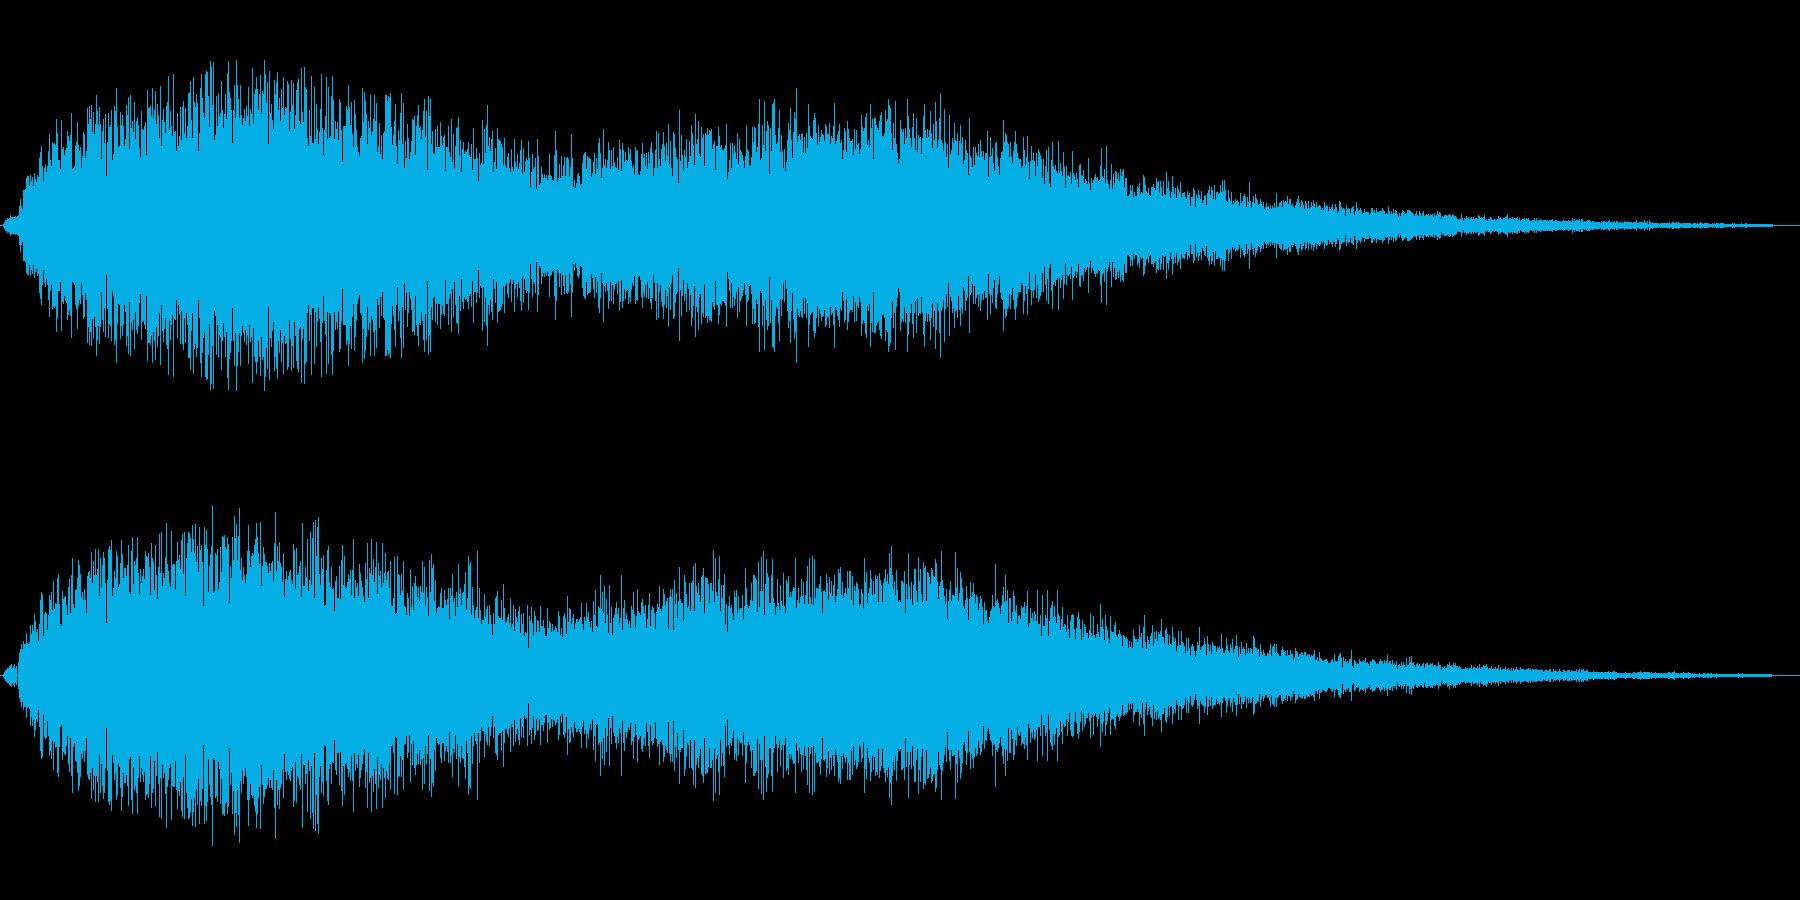 シャララララ〜ン(魔法を掛けるような音)の再生済みの波形